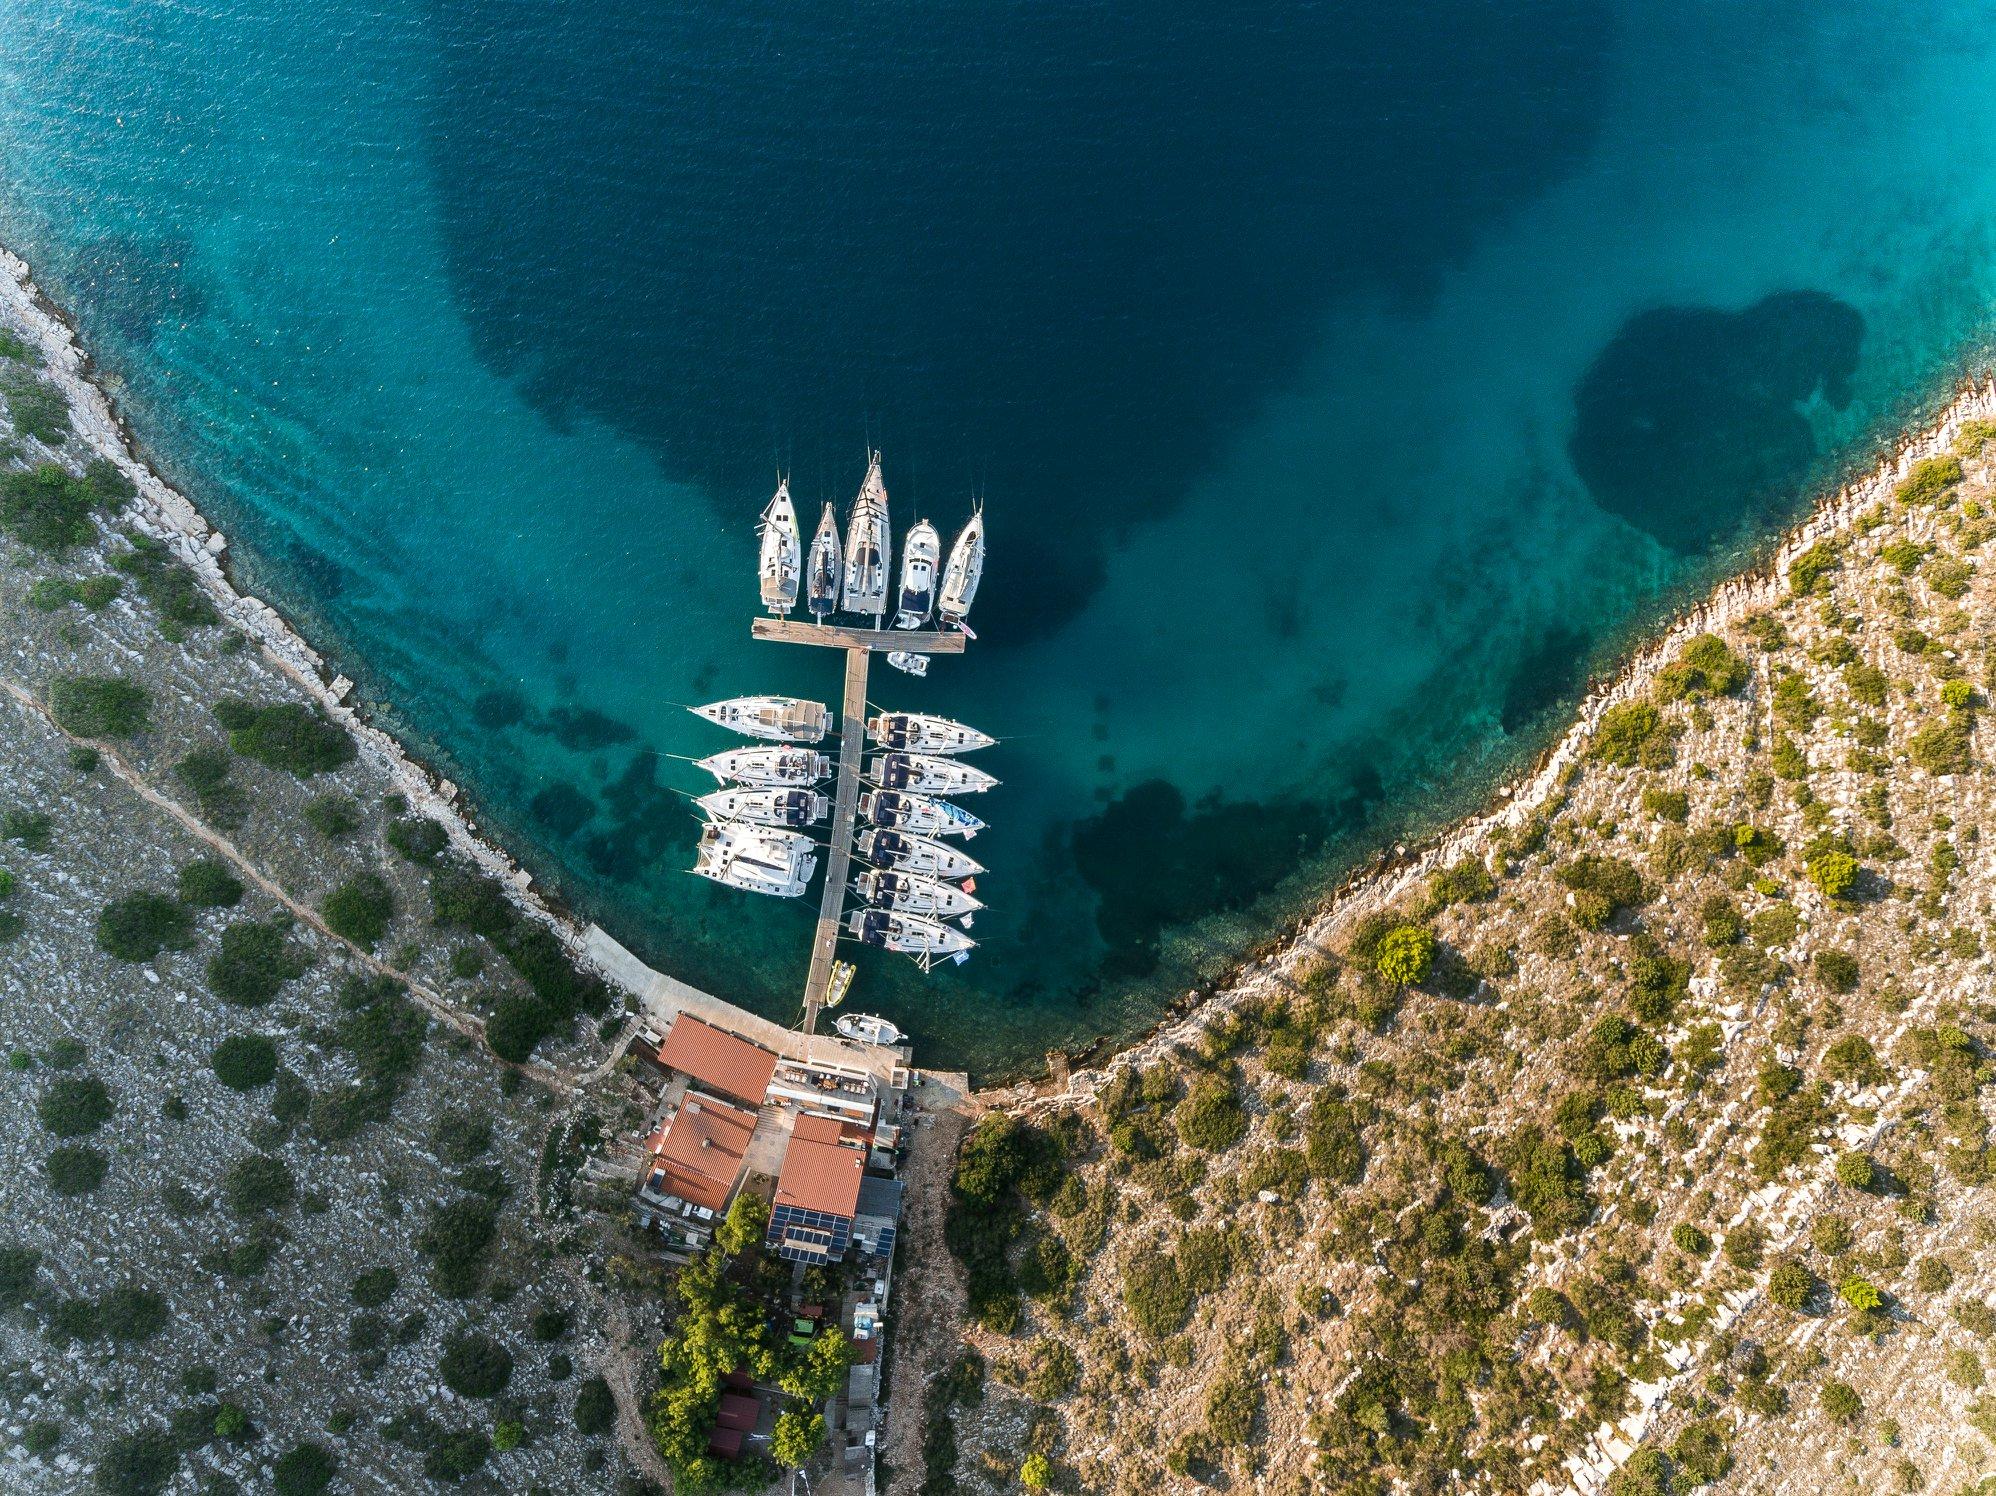 Море, яхты, причал вид сверху - ДСМ групп Фармрегата 2019 DSM Group Pharmregata 2019